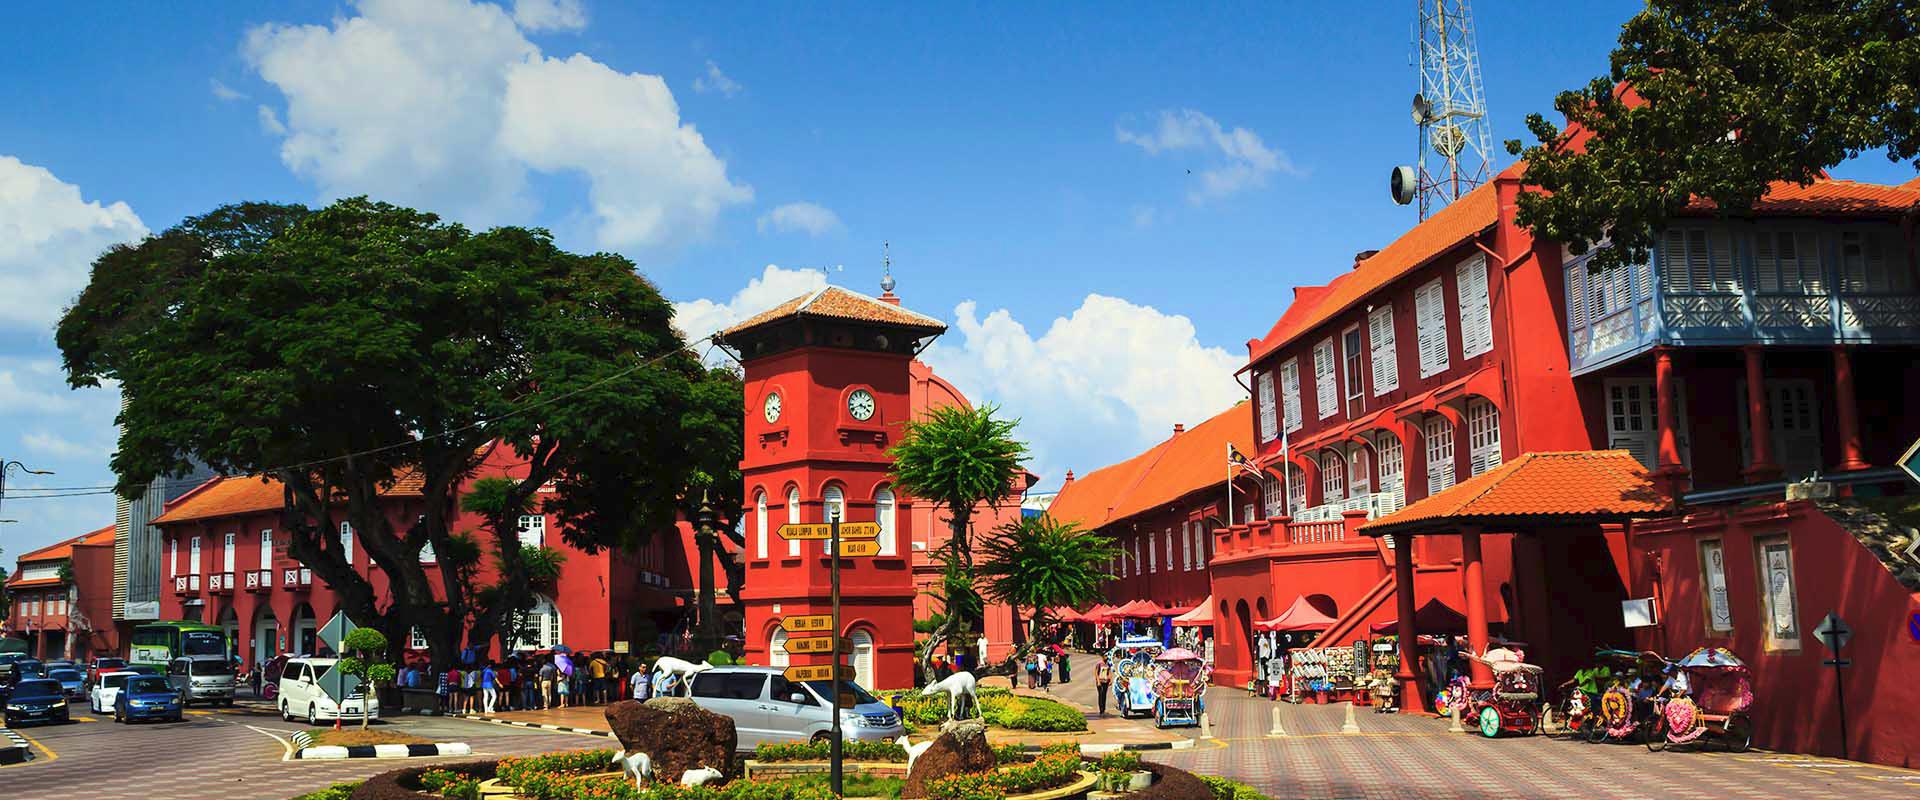 Melaka 10th ICPPT